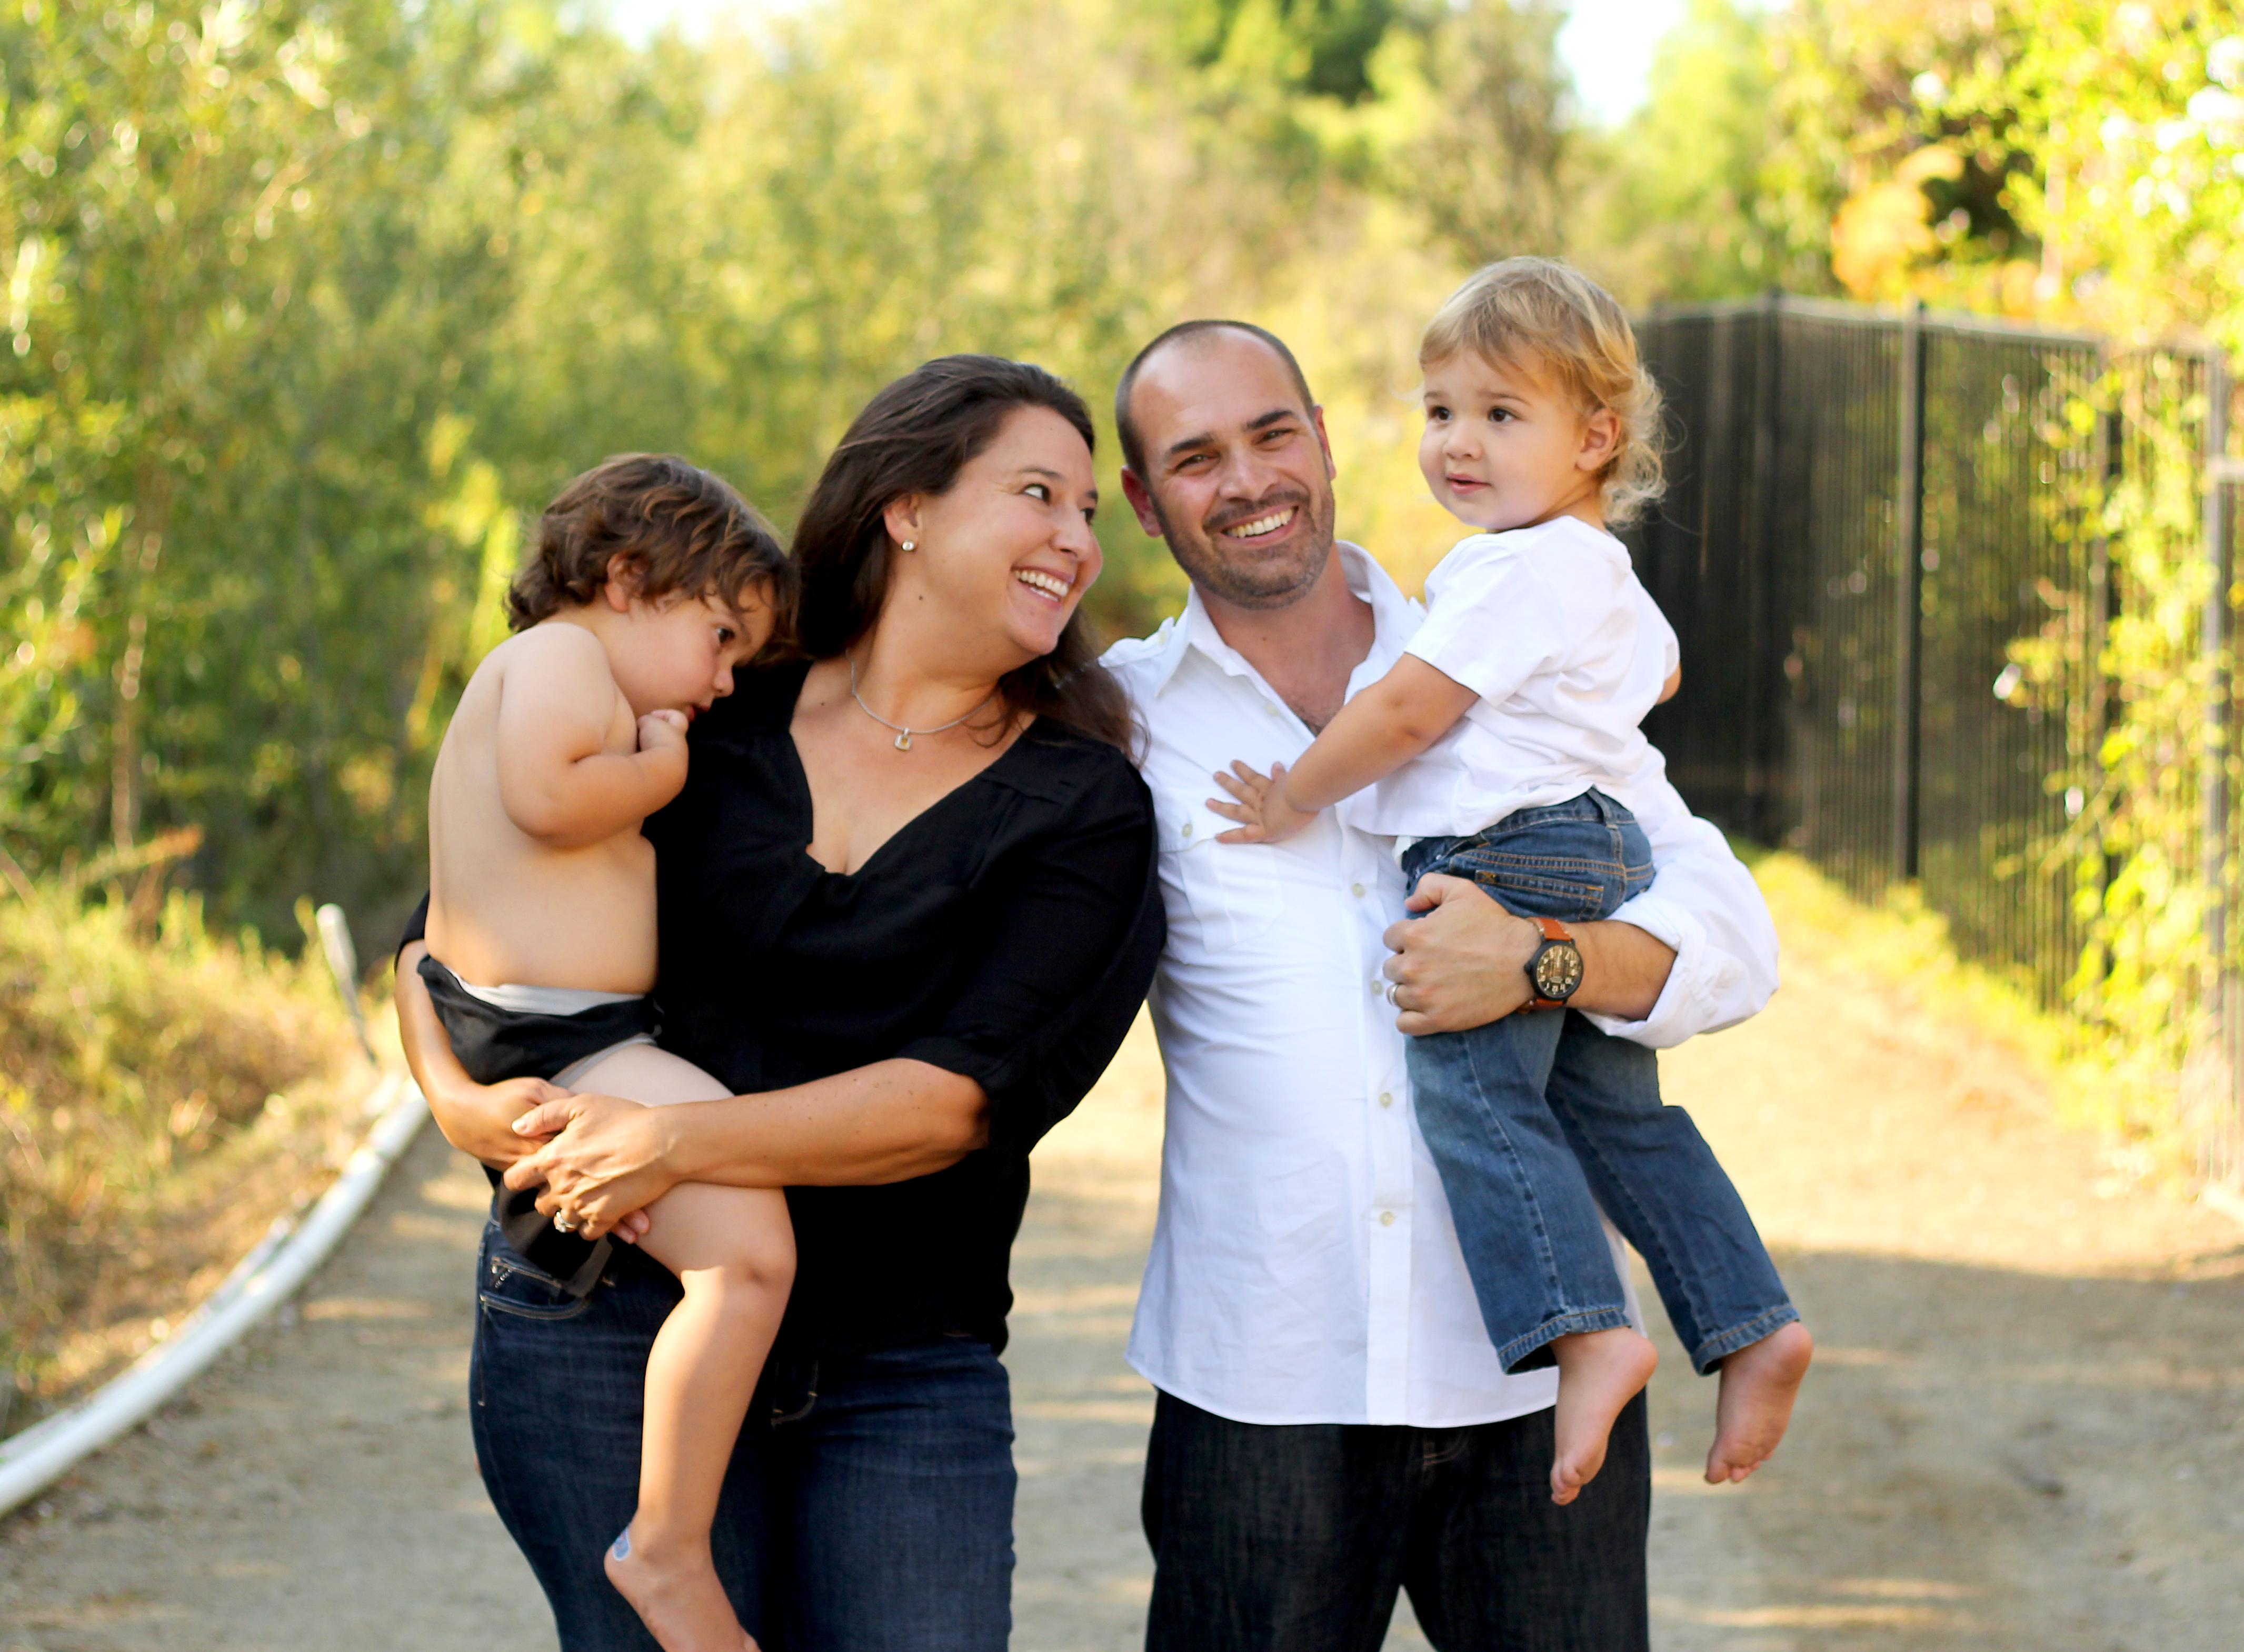 encinitas family photography